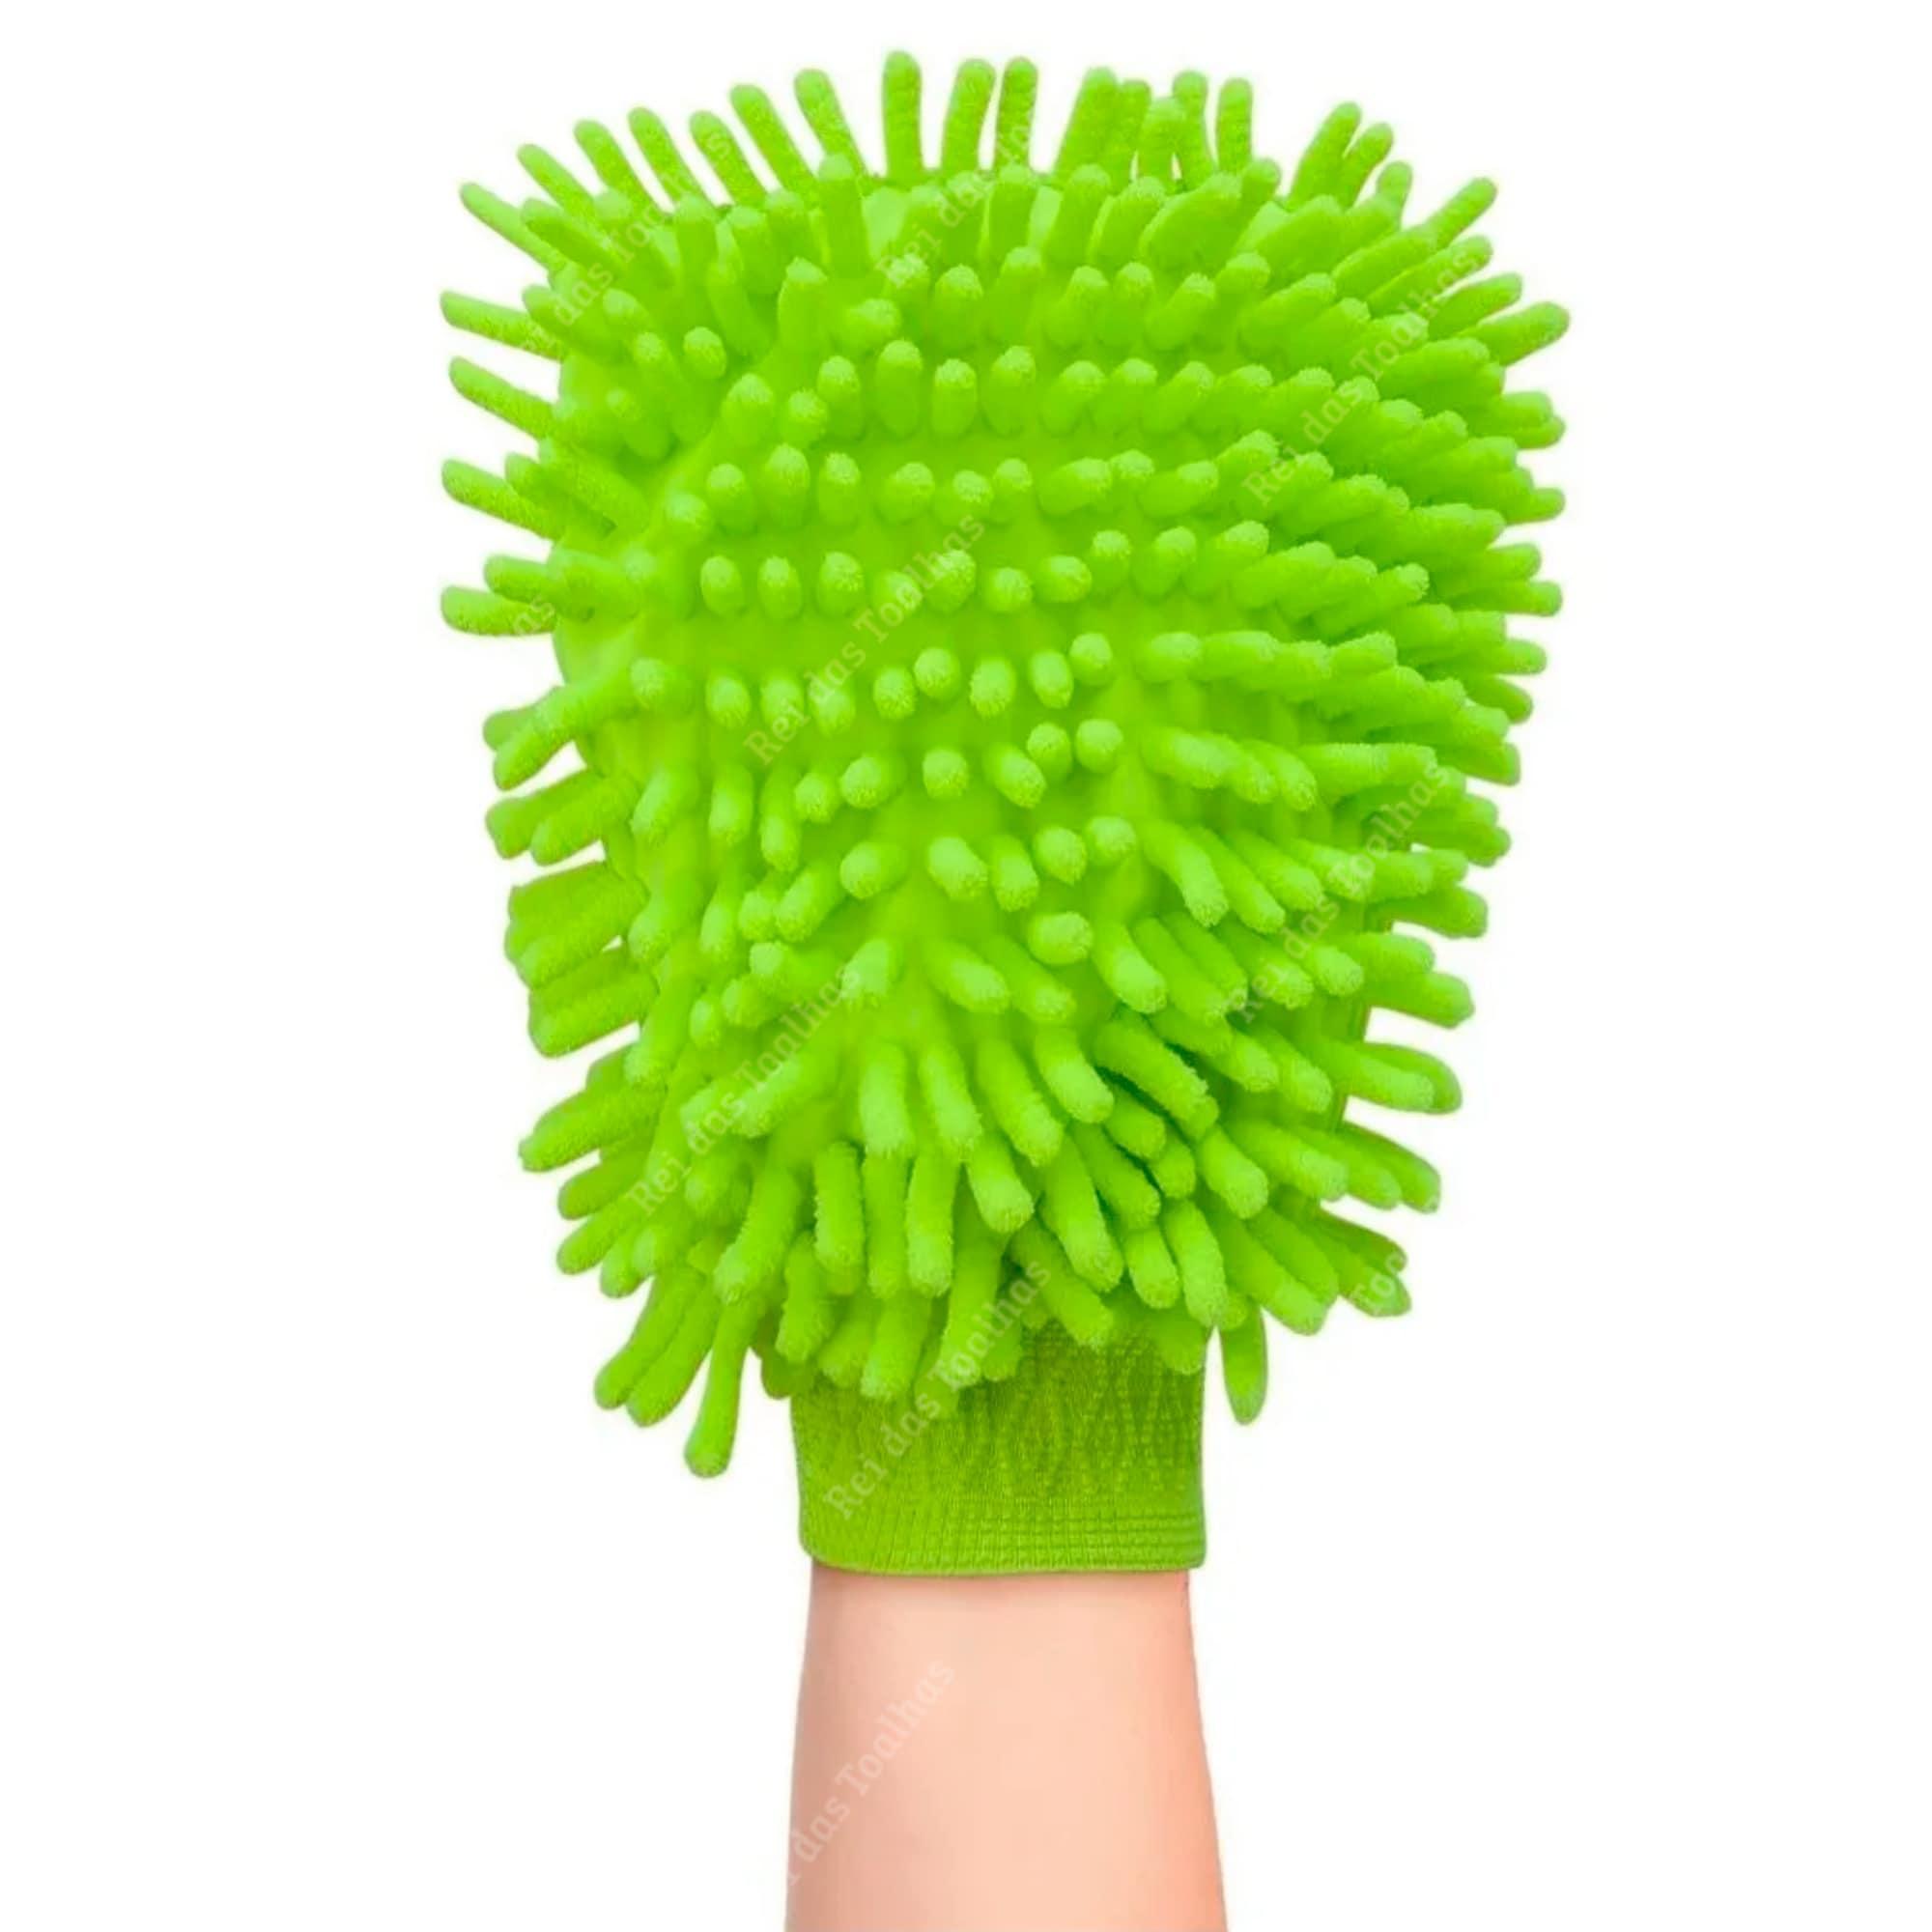 Luva De Limpeza Chenille 100% Poliéster Max Clean 25cm x 14cm X 2,5 cm CLINK